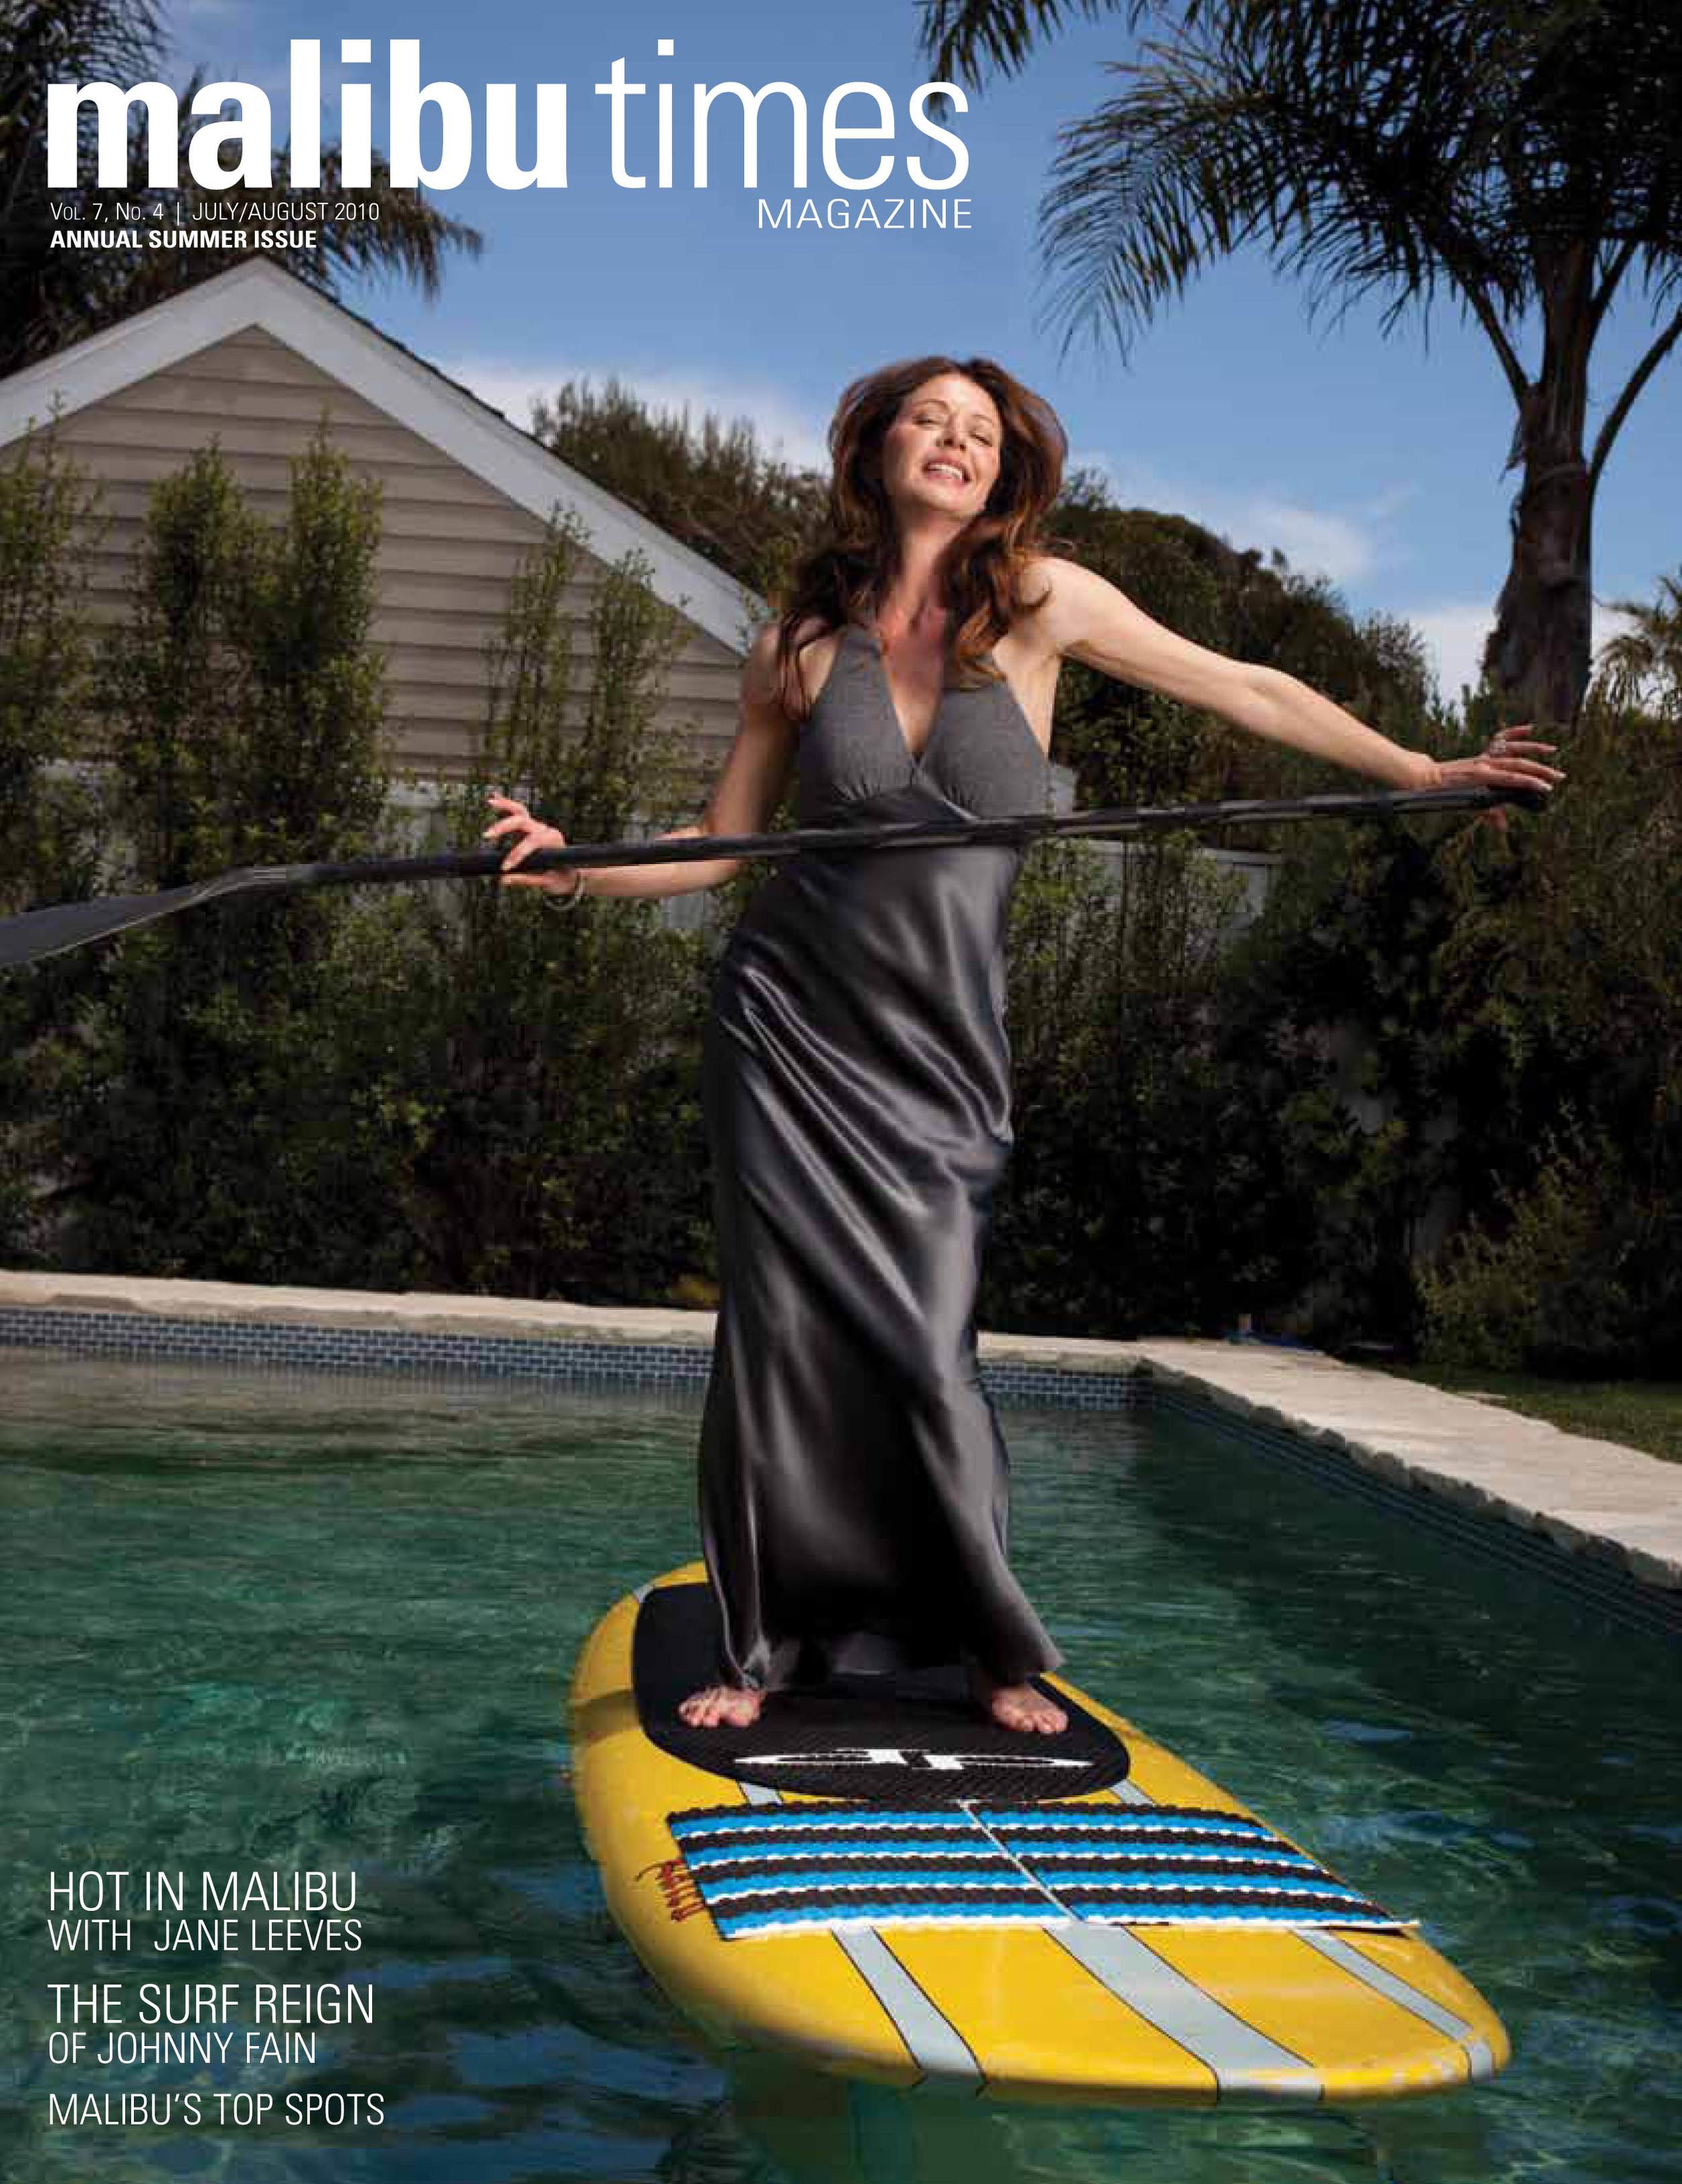 Jane Leeves Cover.jpg